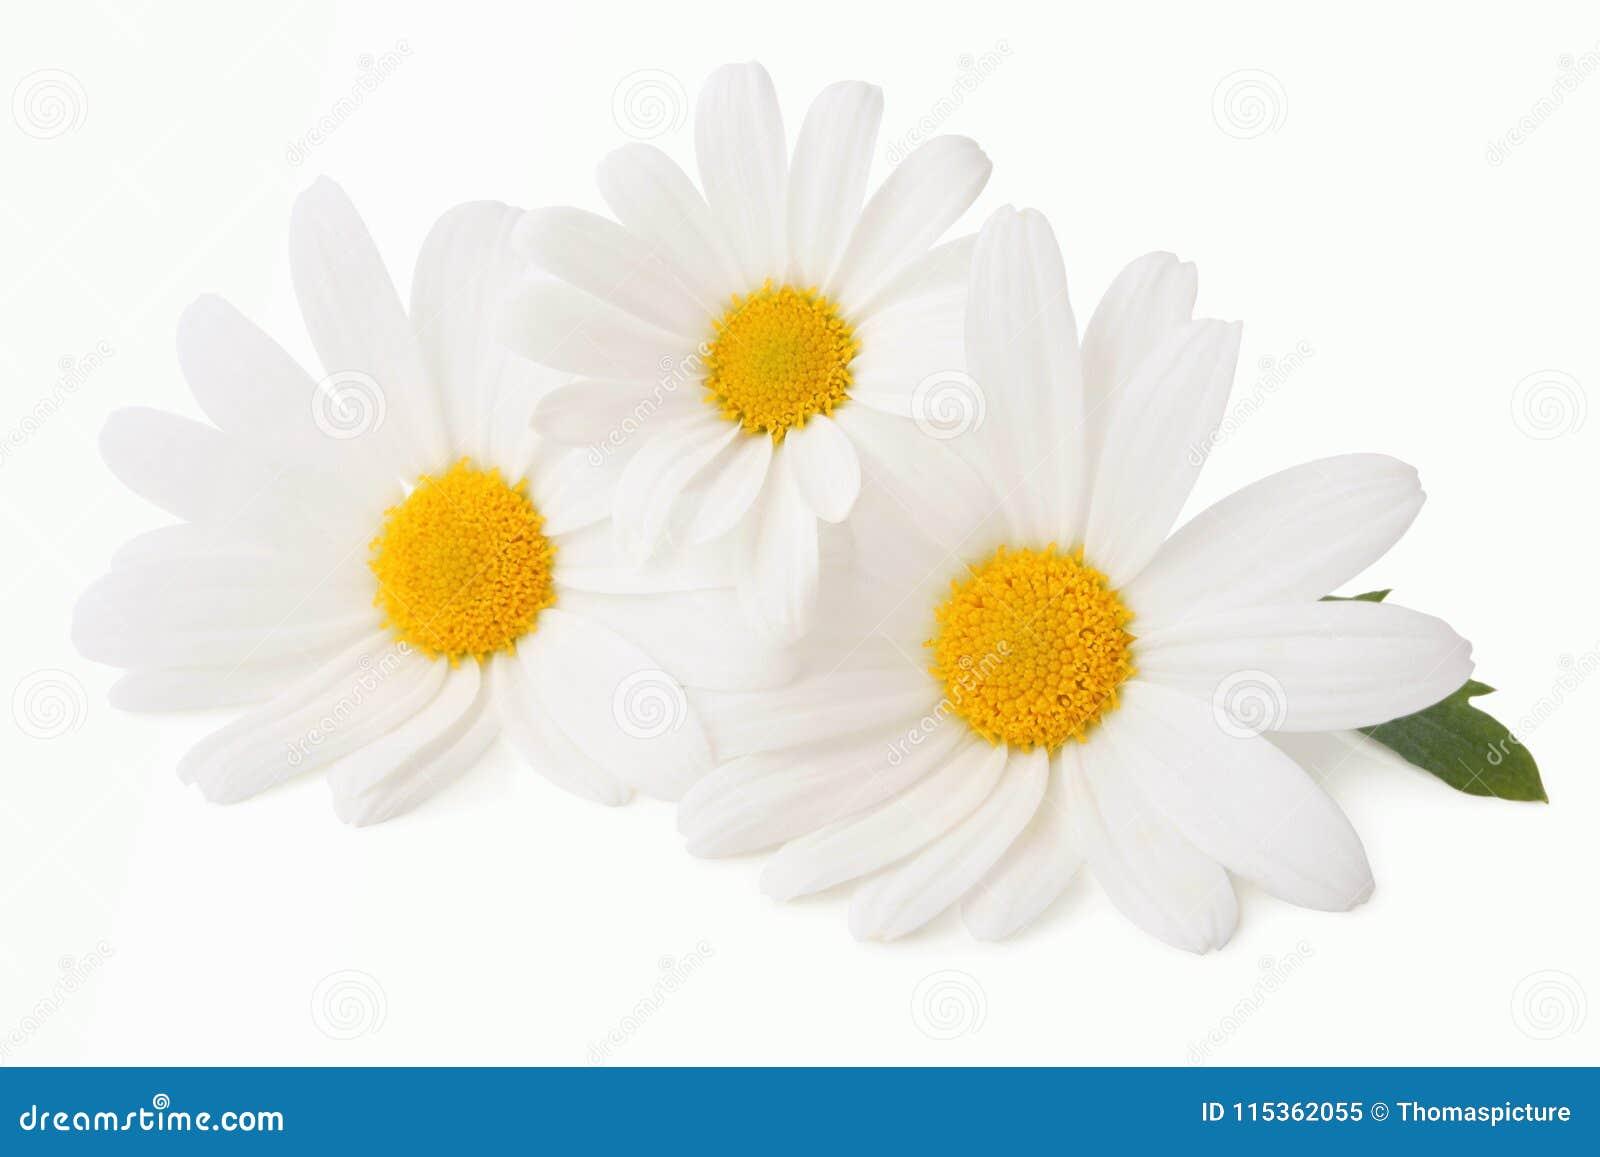 可爱的雏菊延命菊被隔绝,包括裁减路线,不用树荫